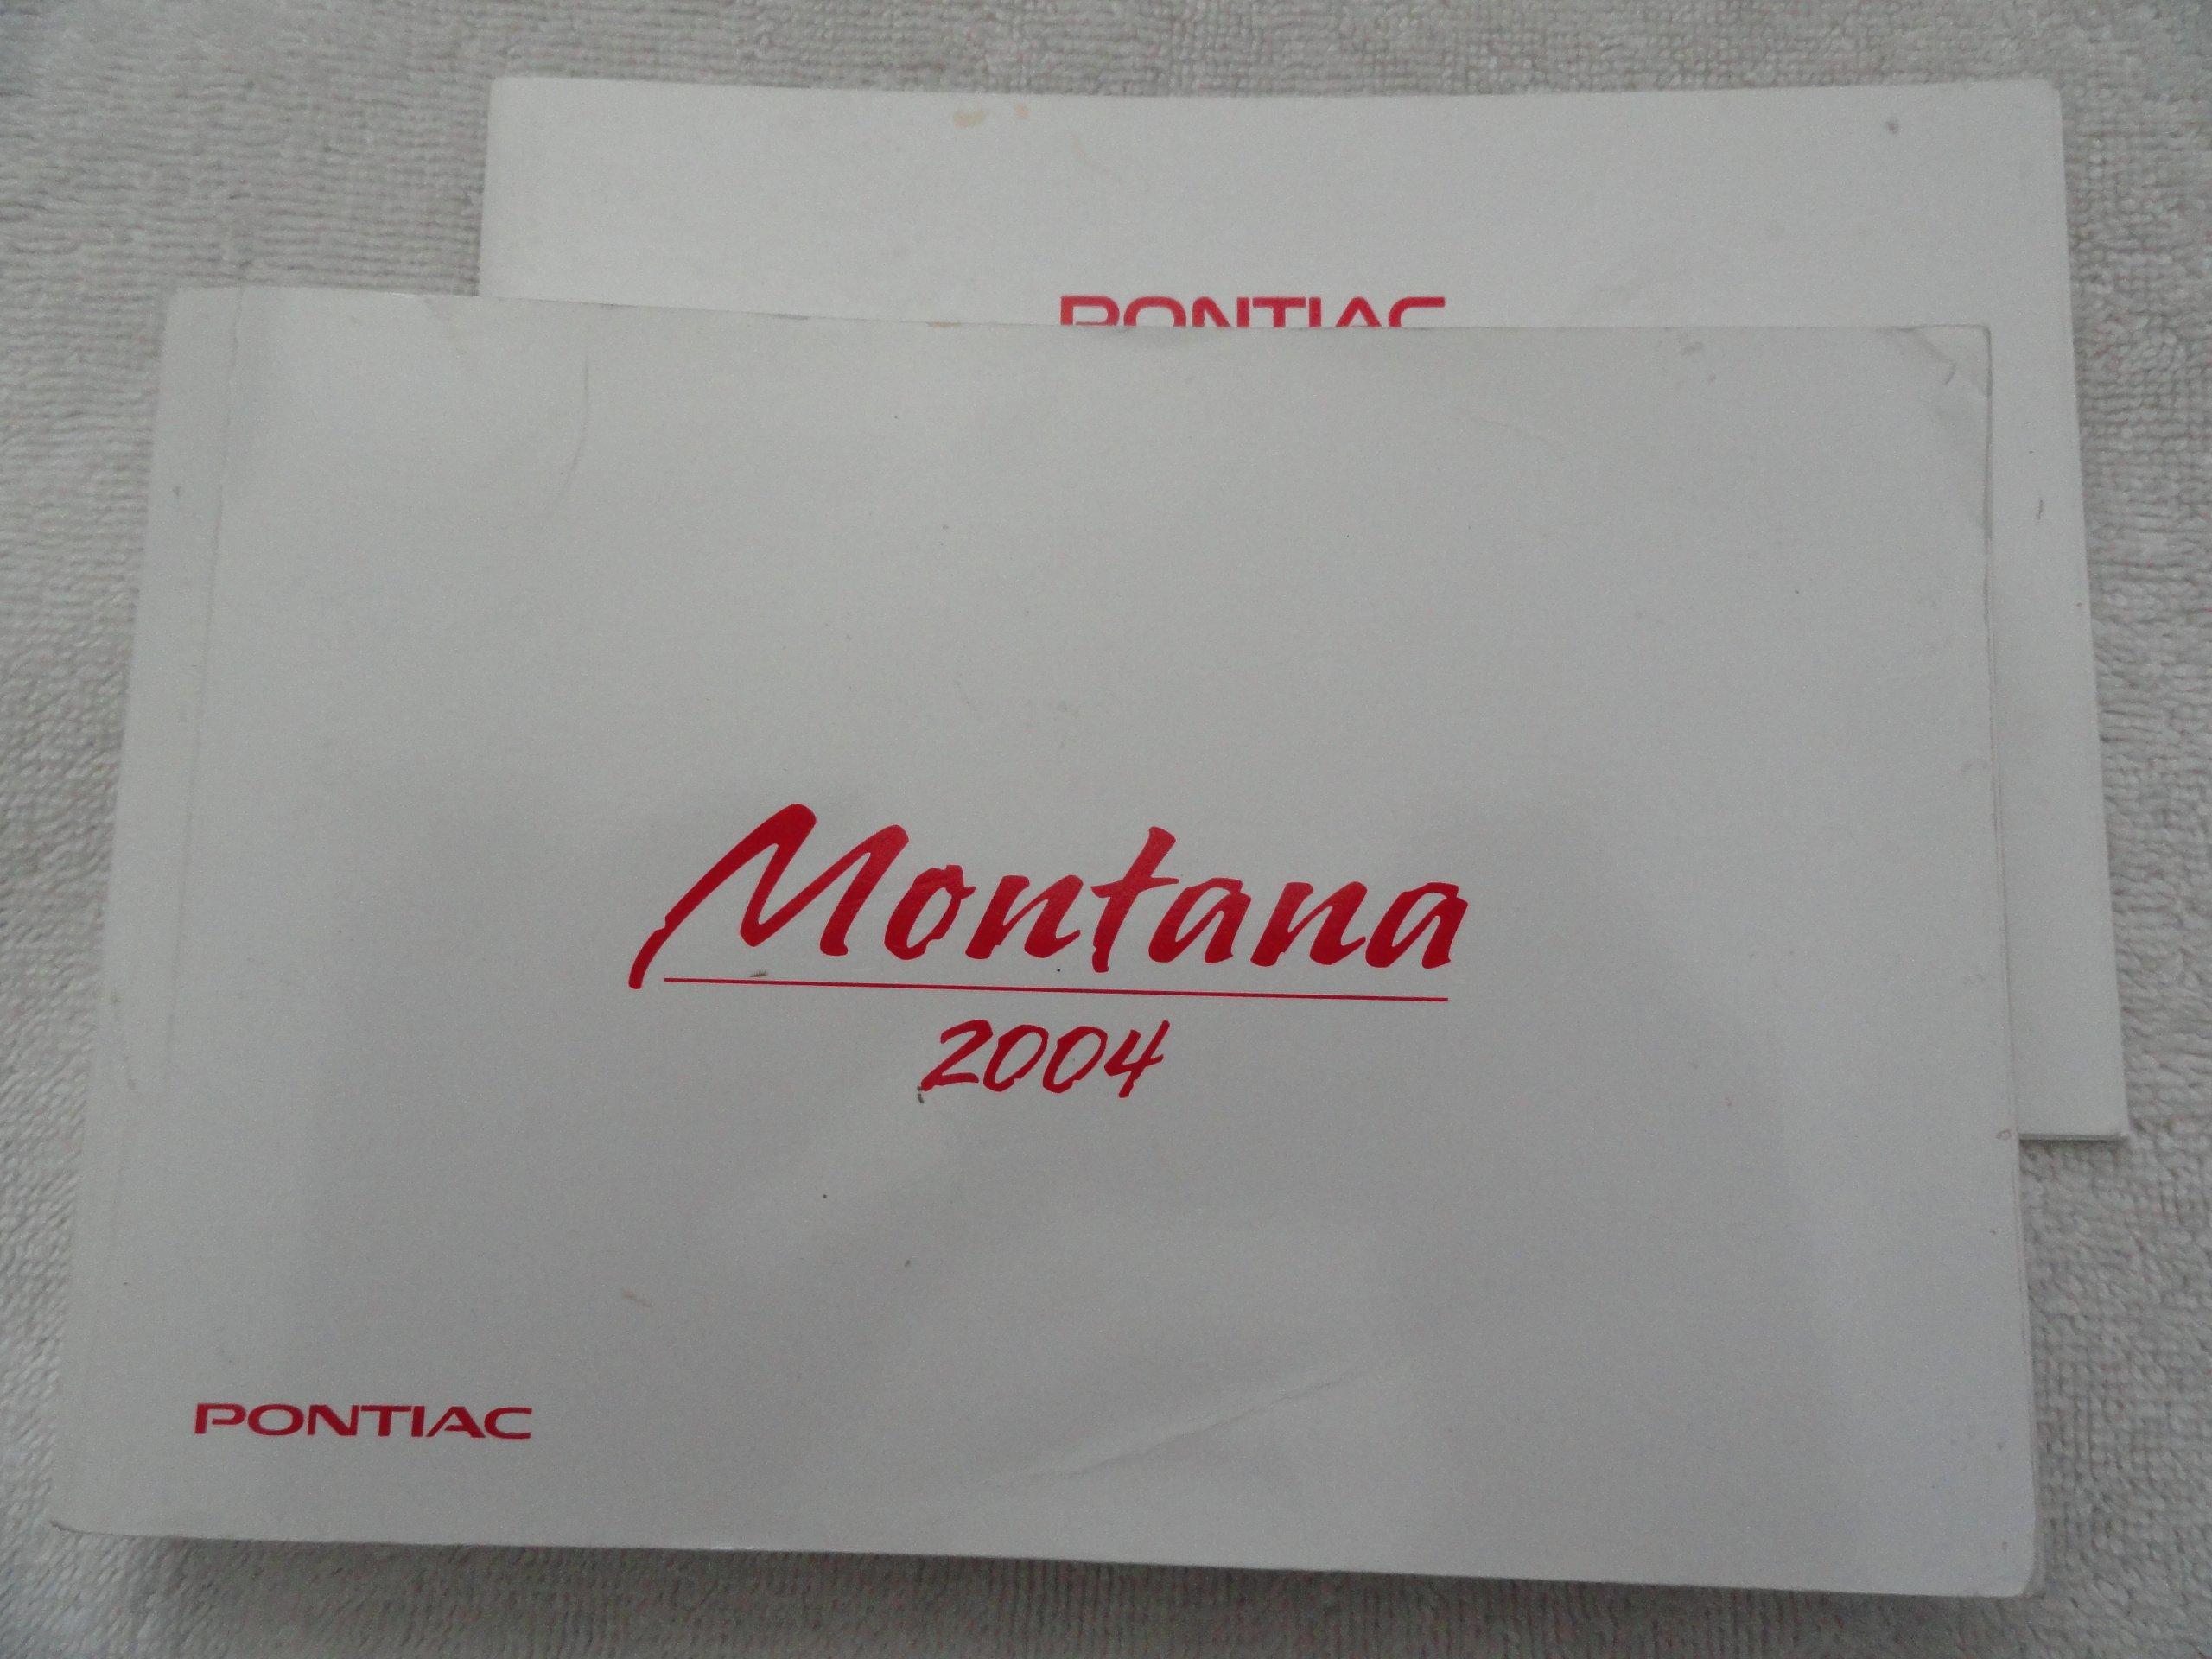 2004 pontiac montana owners manual pontiac amazon com books rh amazon com 2004 Pontiac Montana Interior 2004 pontiac montana owner's manual